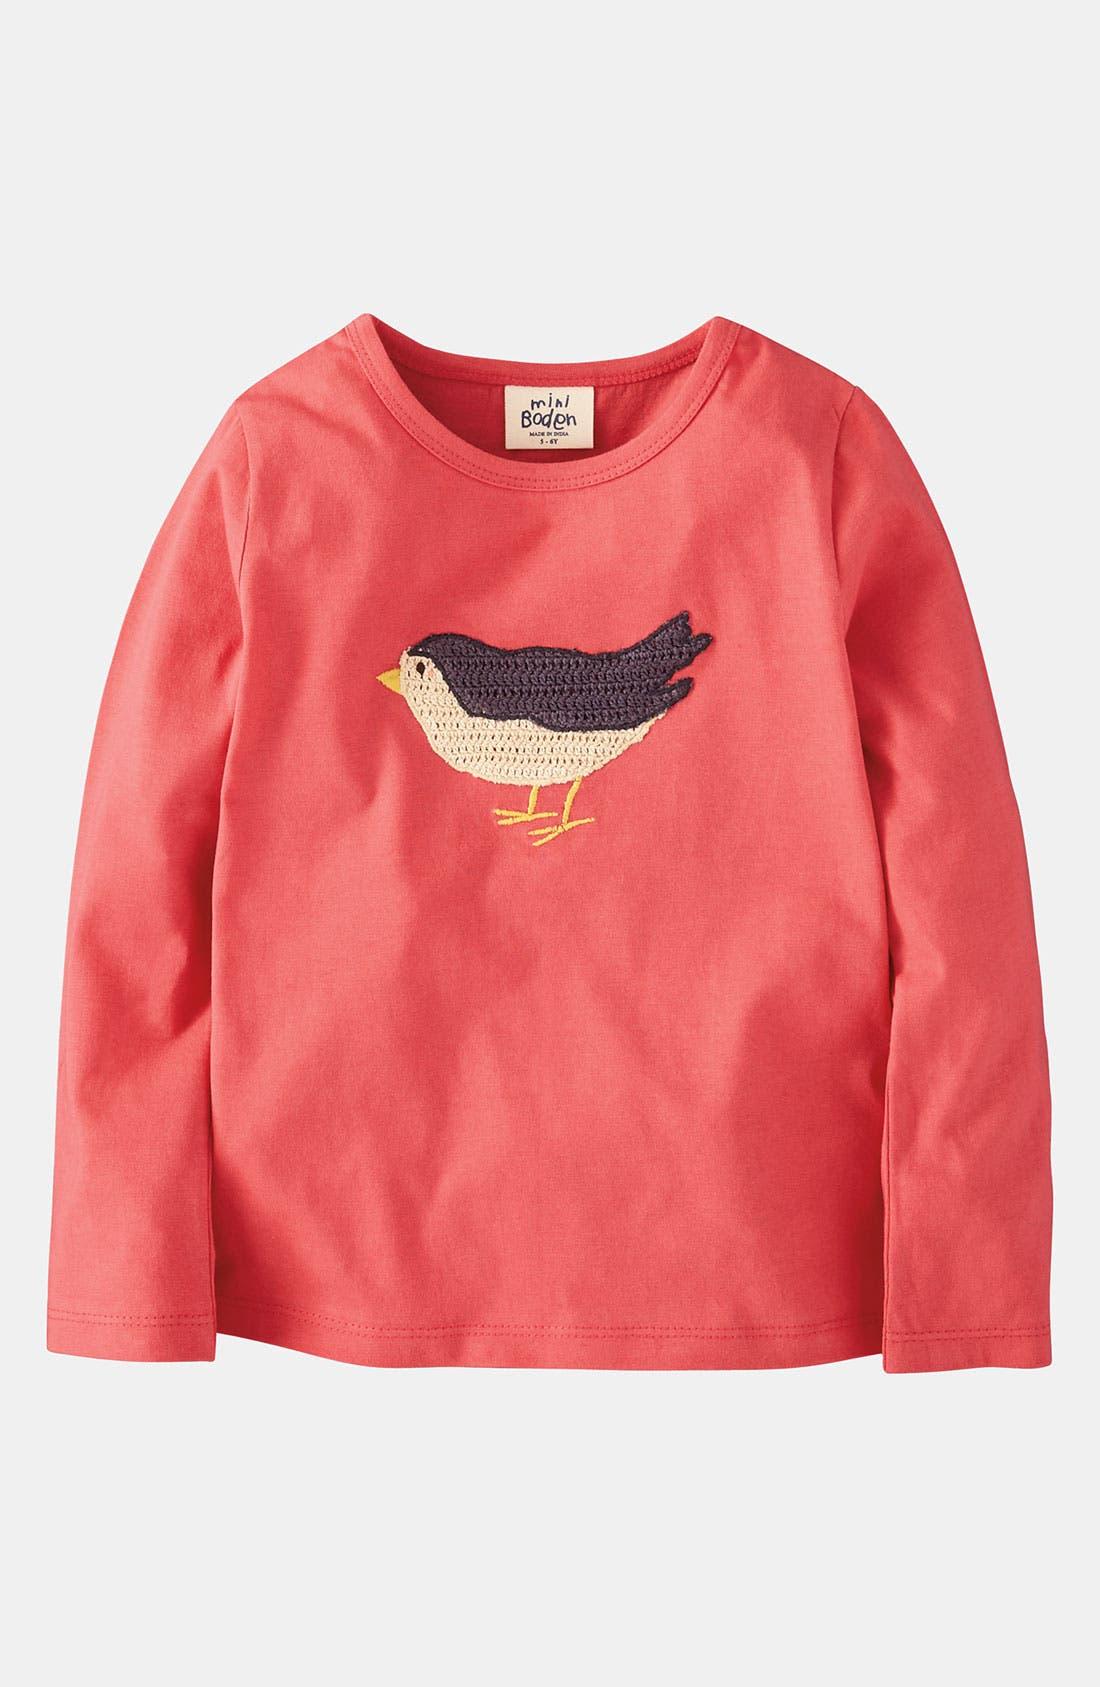 Alternate Image 1 Selected - Mini Boden 'Crochet' Appliqué Tee (Toddler, Little Girls & Big Girls)